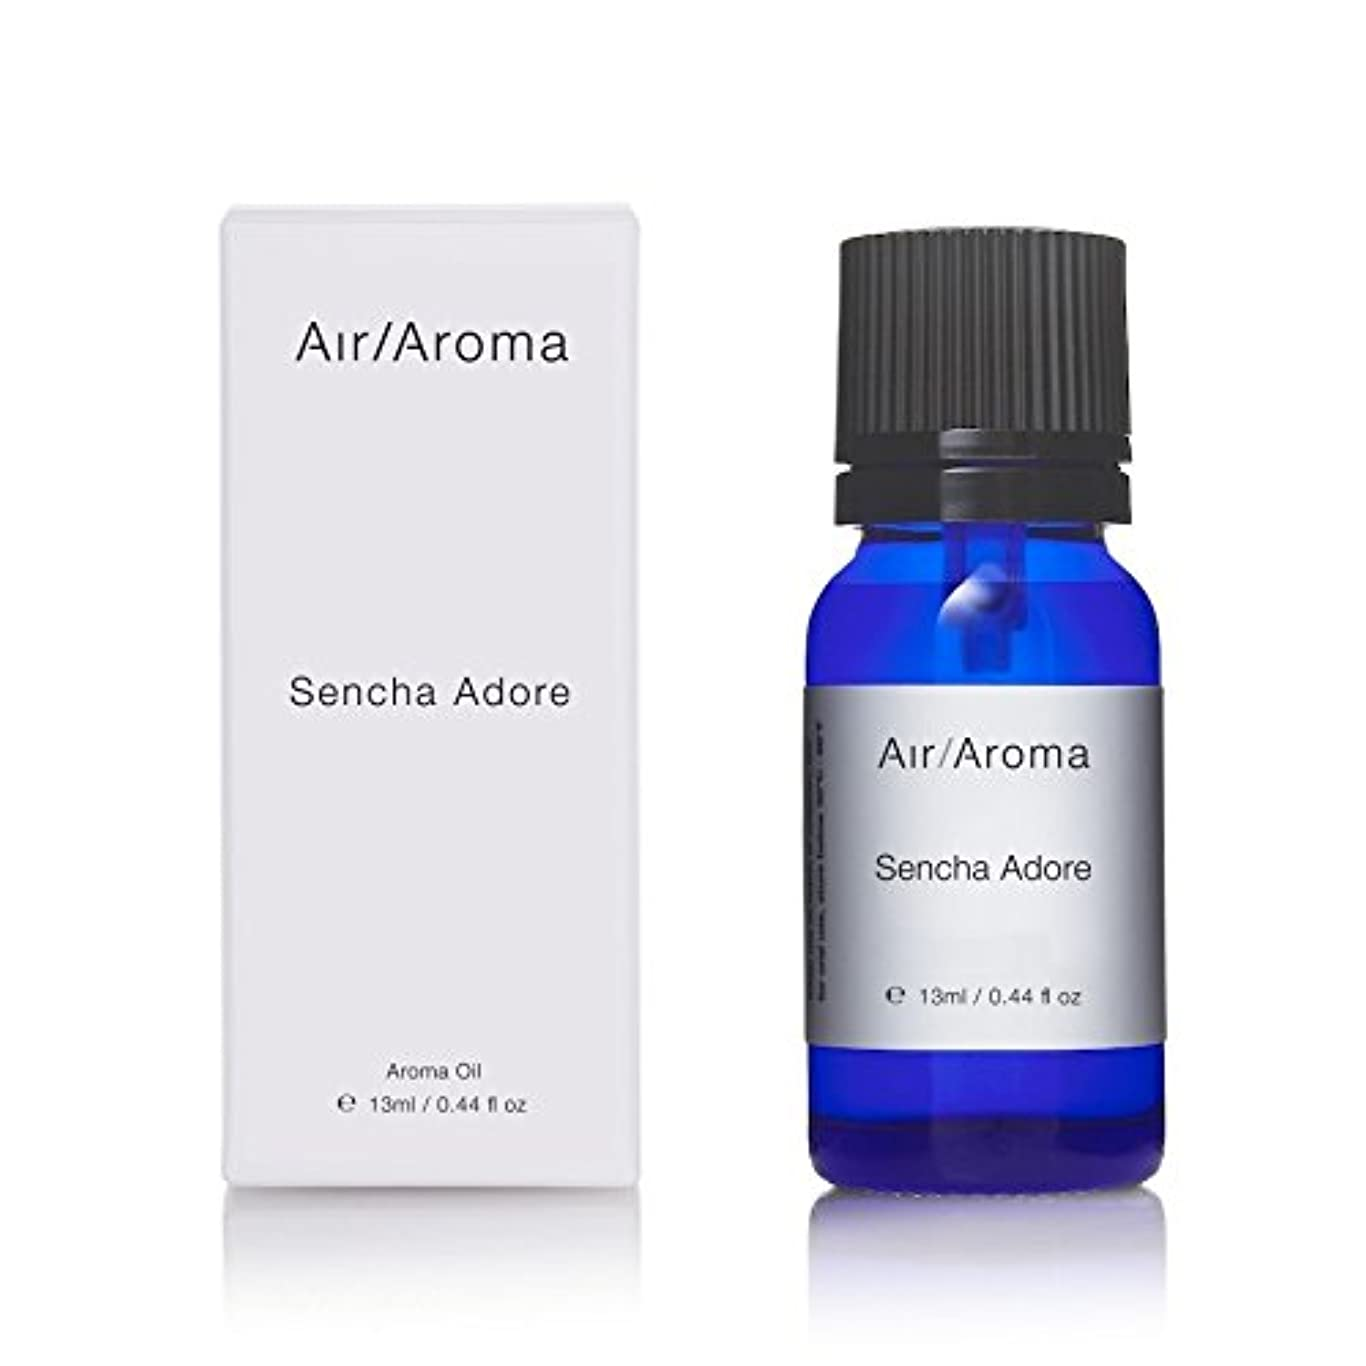 強調検体補うエアアロマ sencha adore(センチャ?アドア)13ml